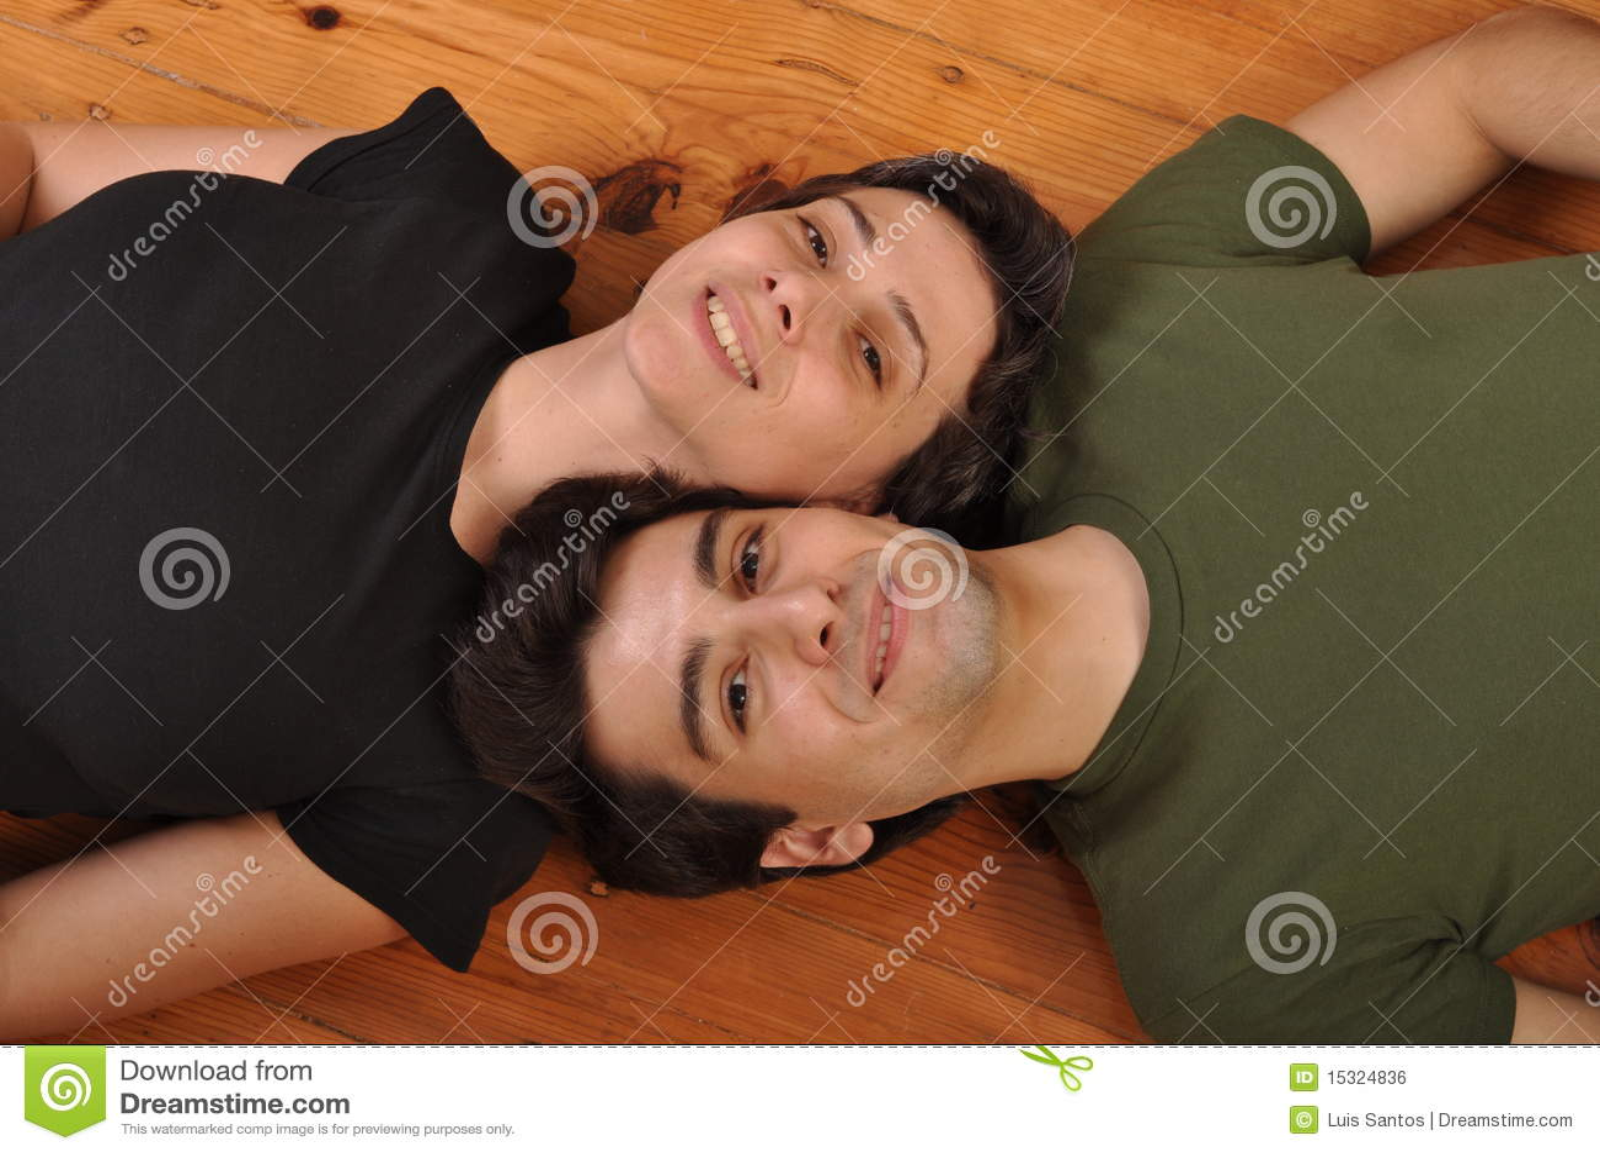 Смотреть онлайн порно братья с сестрами 5 фотография